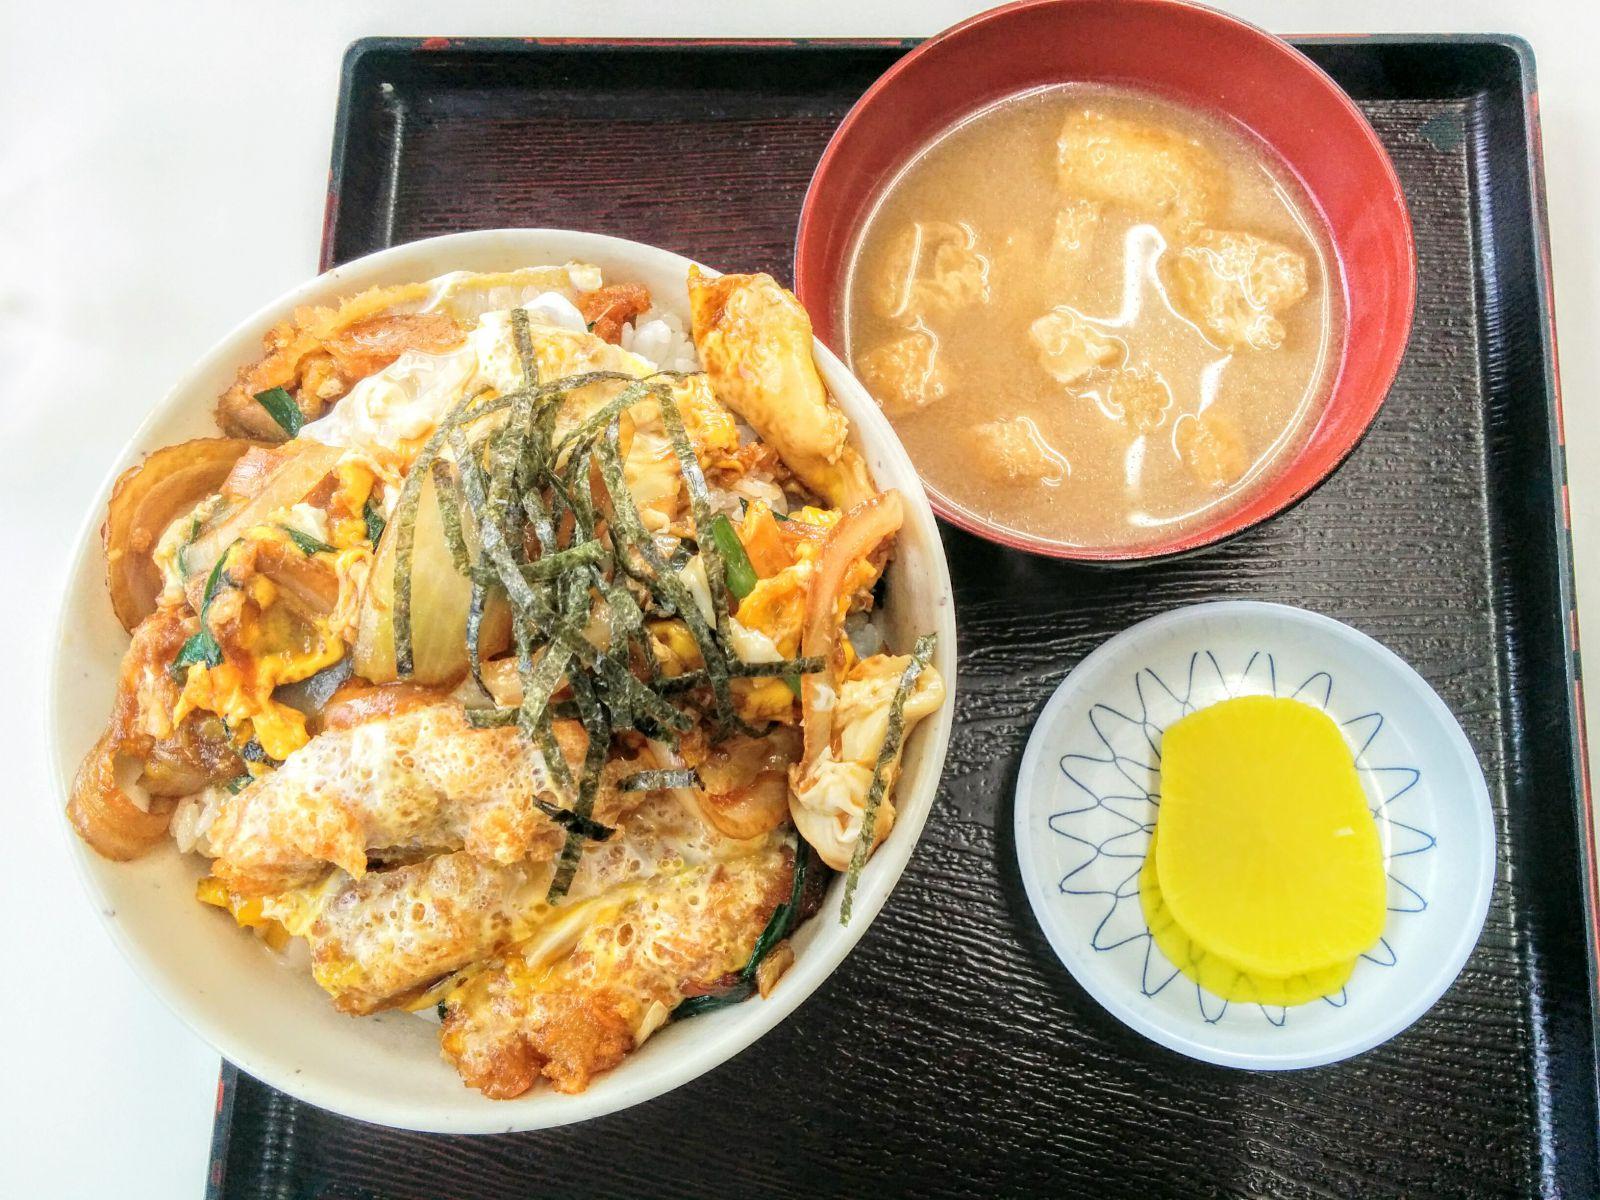 小樽港湾センター・ひら川食堂観光グルメ案内です。